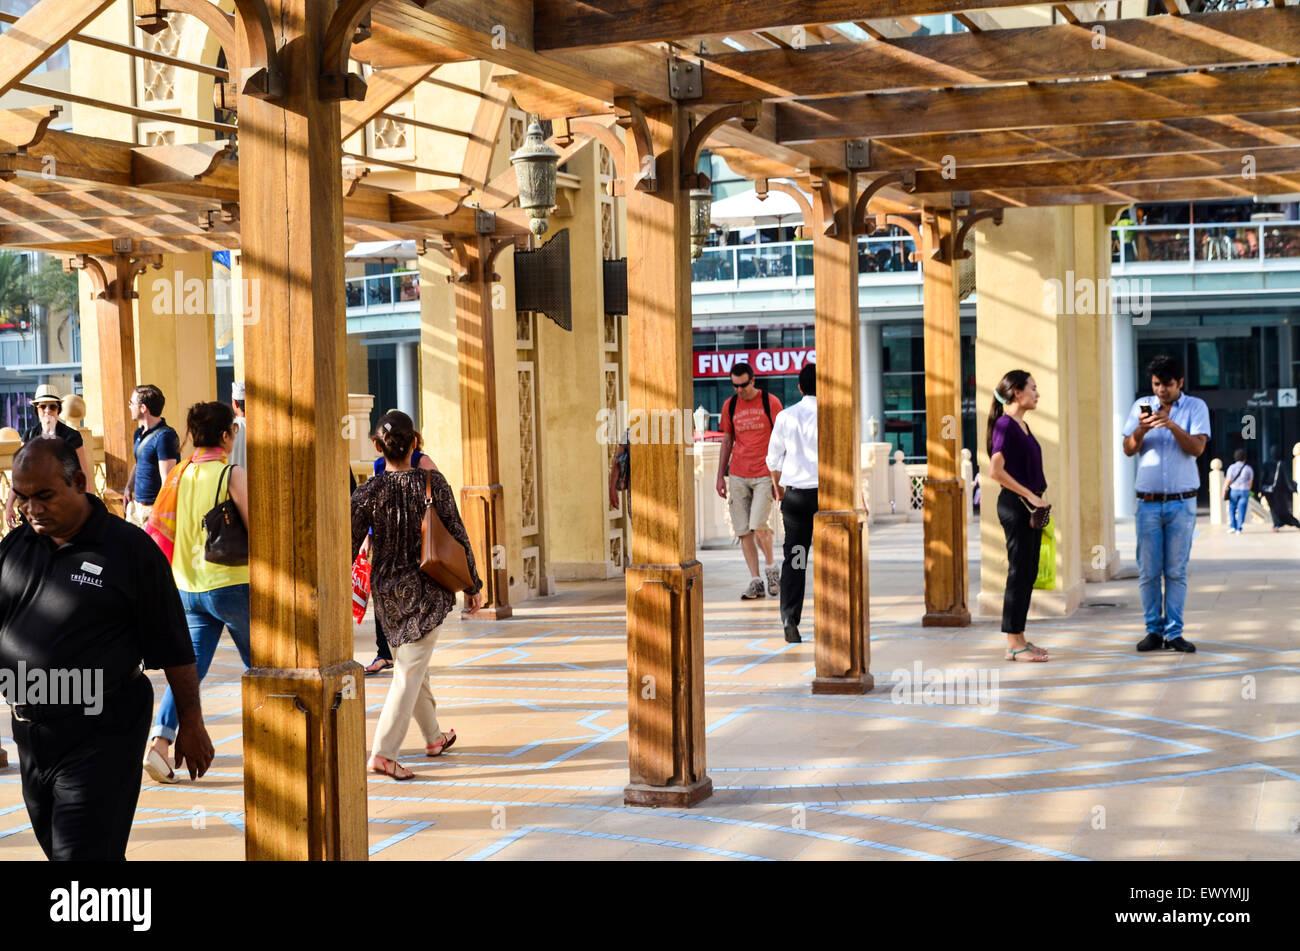 Los turistas que caminan por el lago del Burj Khalifa en el Dubai Mall Foto de stock